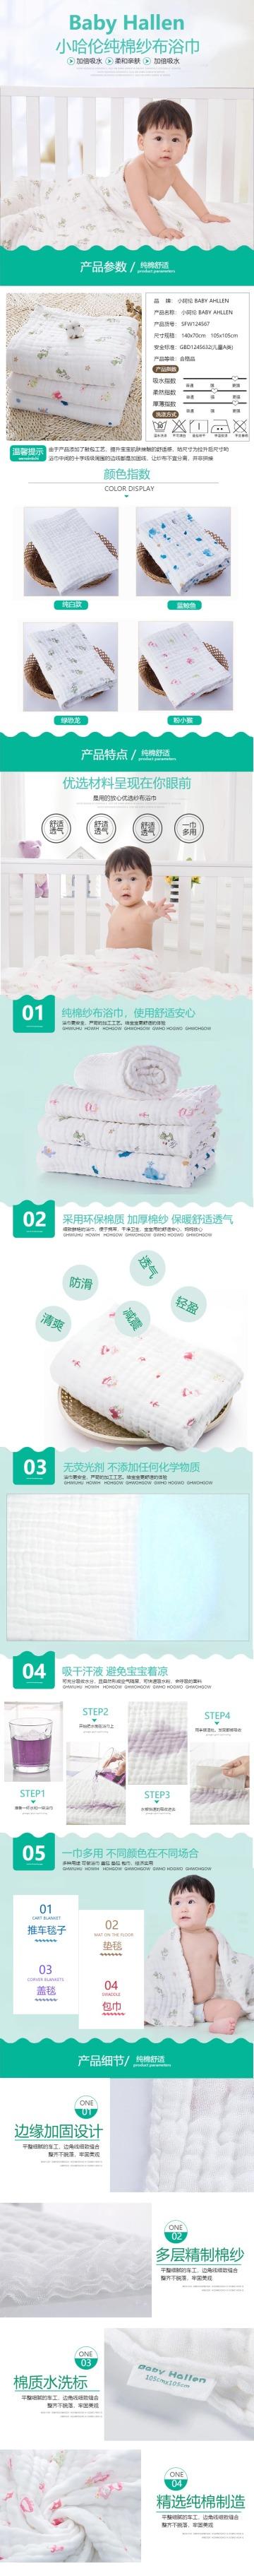 清新舒适儿童浴巾电商详情页